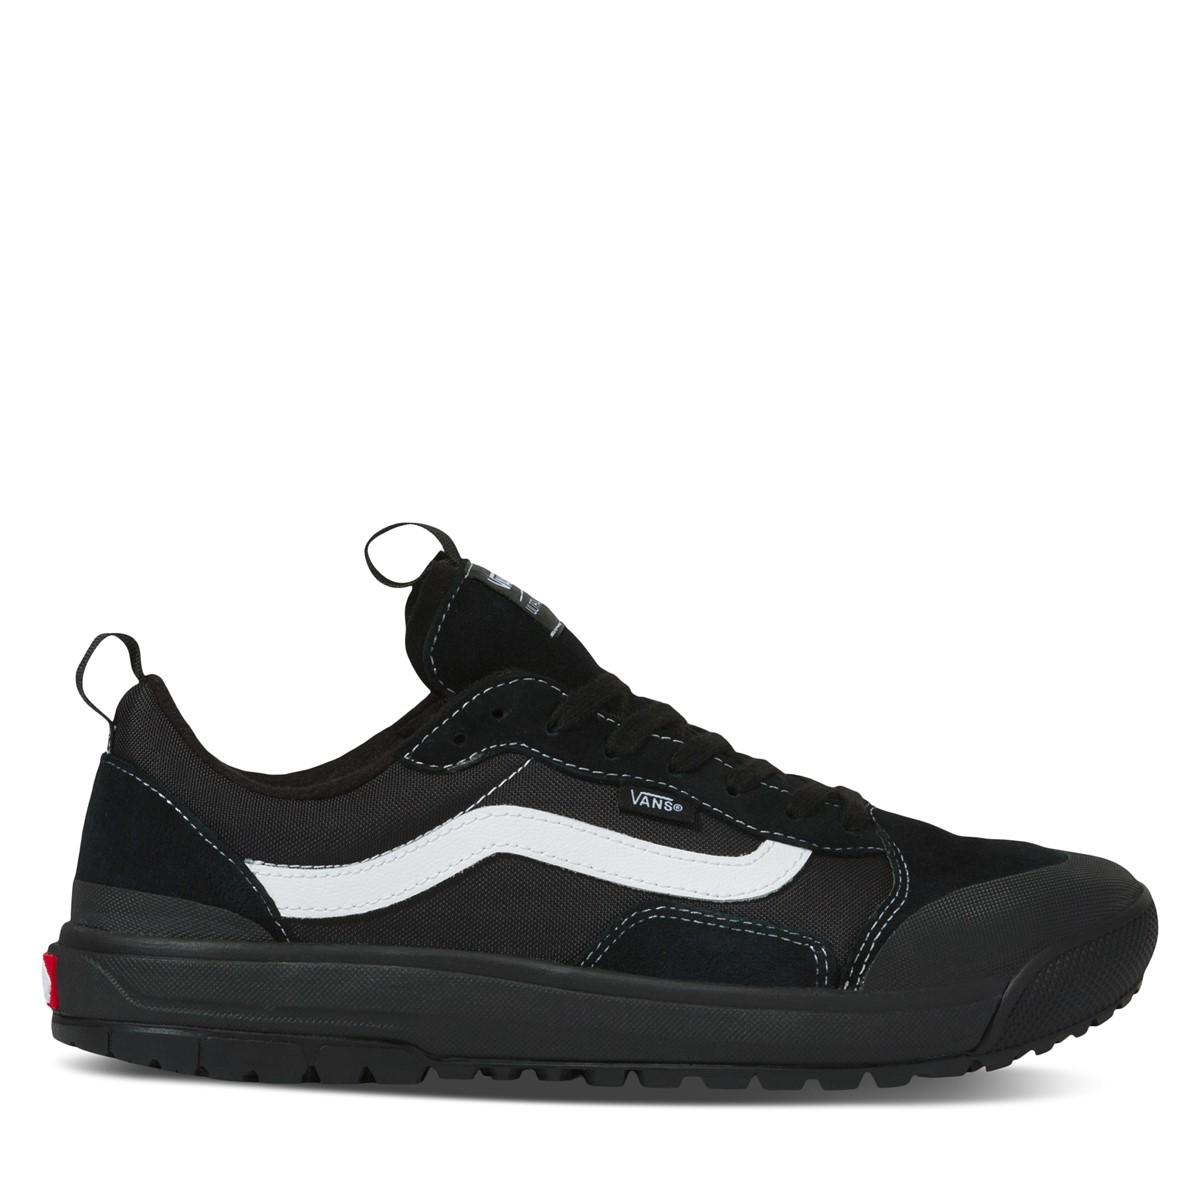 Men's Ultrarange EXO MTE-1 Sneakers in Black